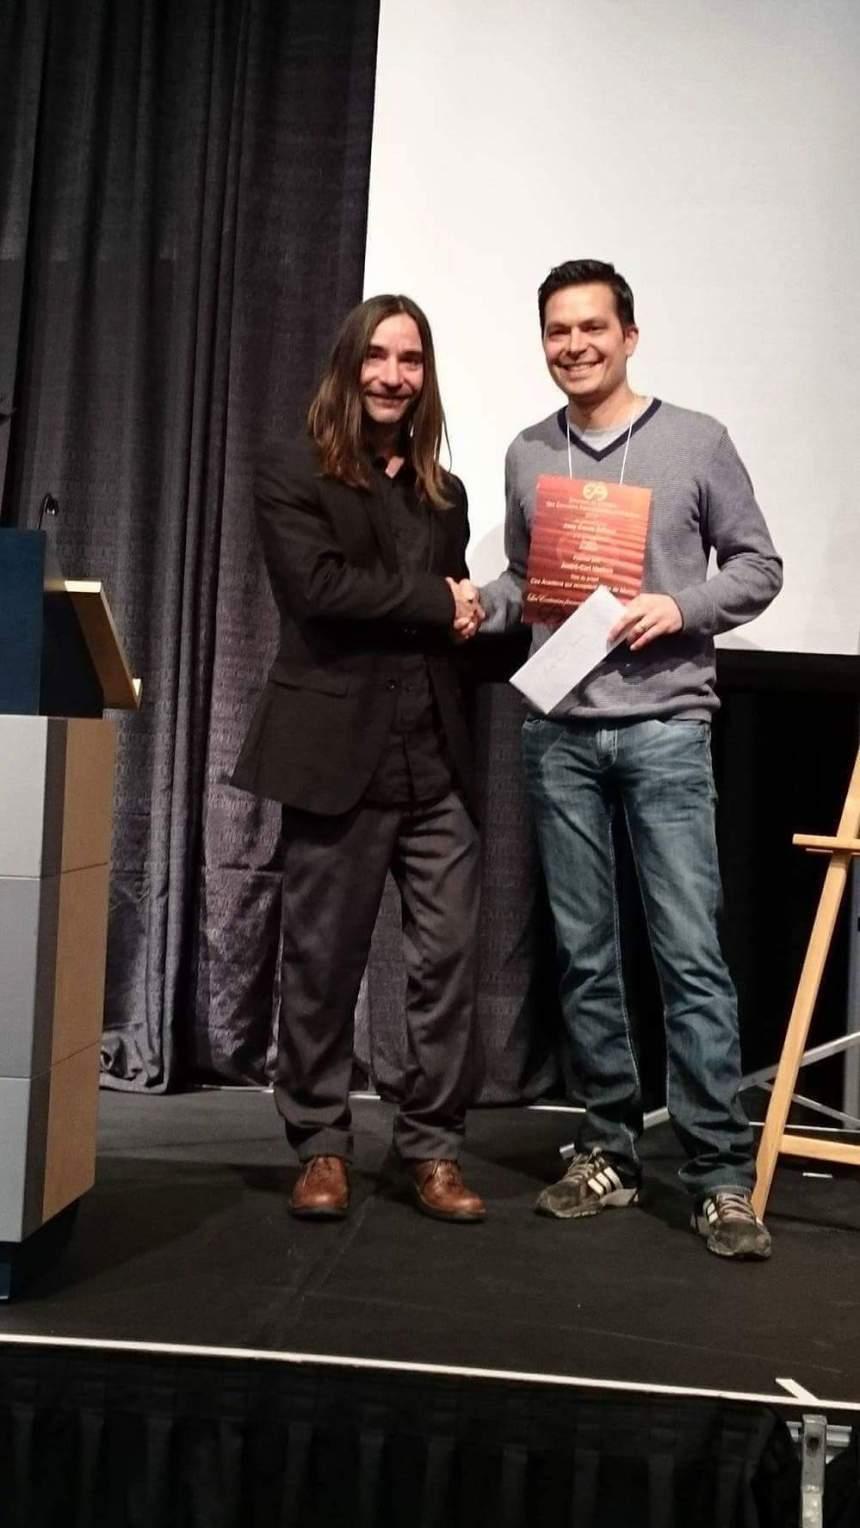 Un auteur Rosemontois  gagne un prix pour son œuvre